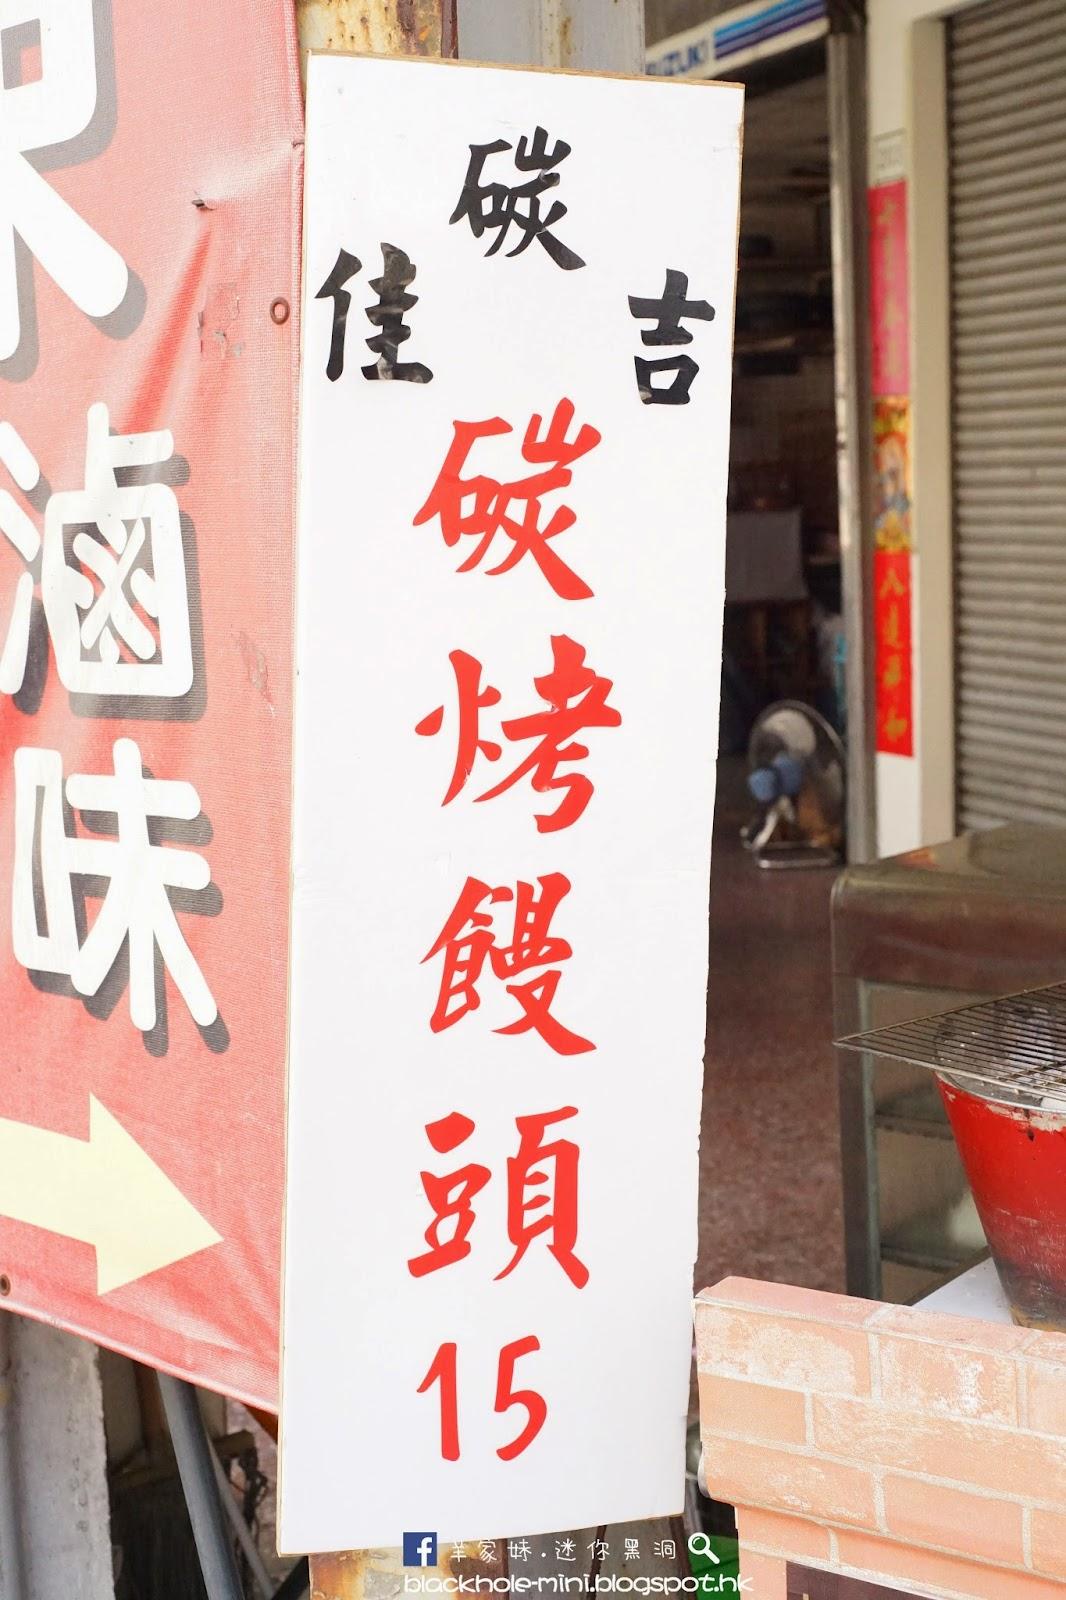 [台灣.台南] 半溶芝士的香甜饅頭:佳碳吉古早味碳烤饅頭